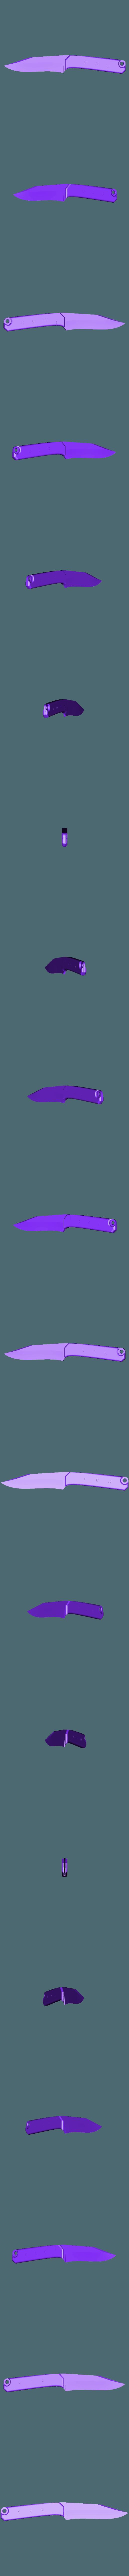 Drop1_v9.stl Télécharger fichier STL gratuit Point de chute 1 • Objet pour imprimante 3D, Theshort